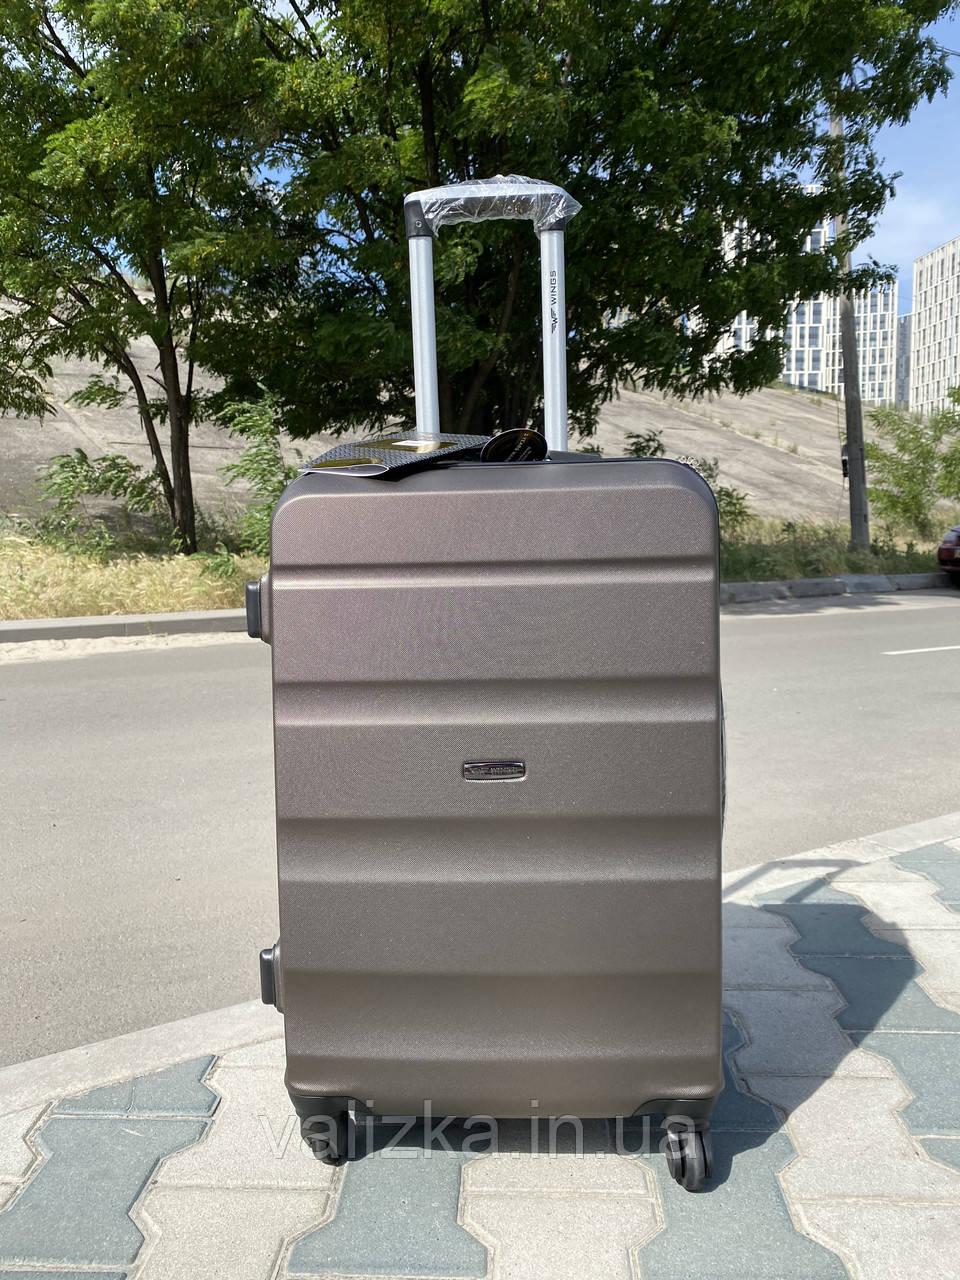 Большой пластиковый чемодан из поликарбоната кофейный на 4-х колесах / Велика пластикова валіза